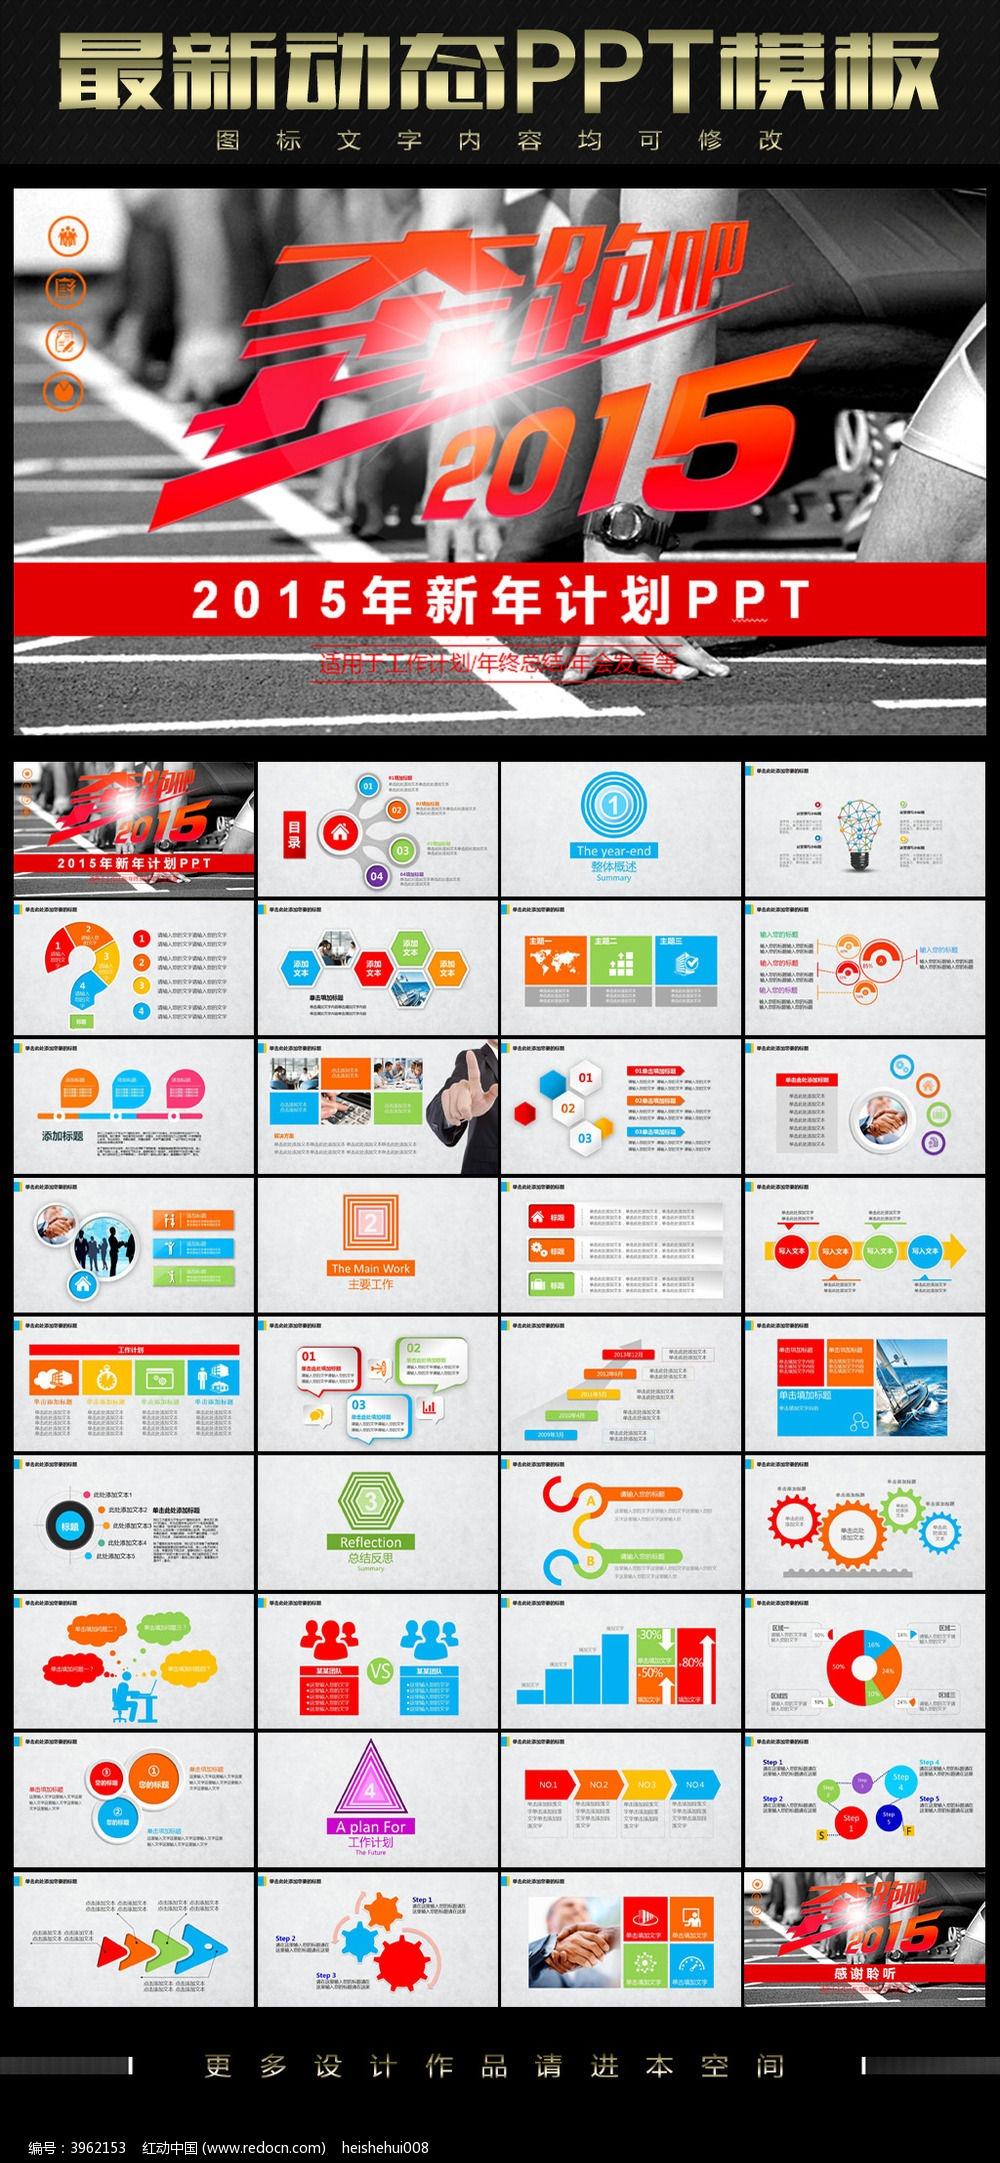 11款 2015年商务团队PPT模板计划总结模板